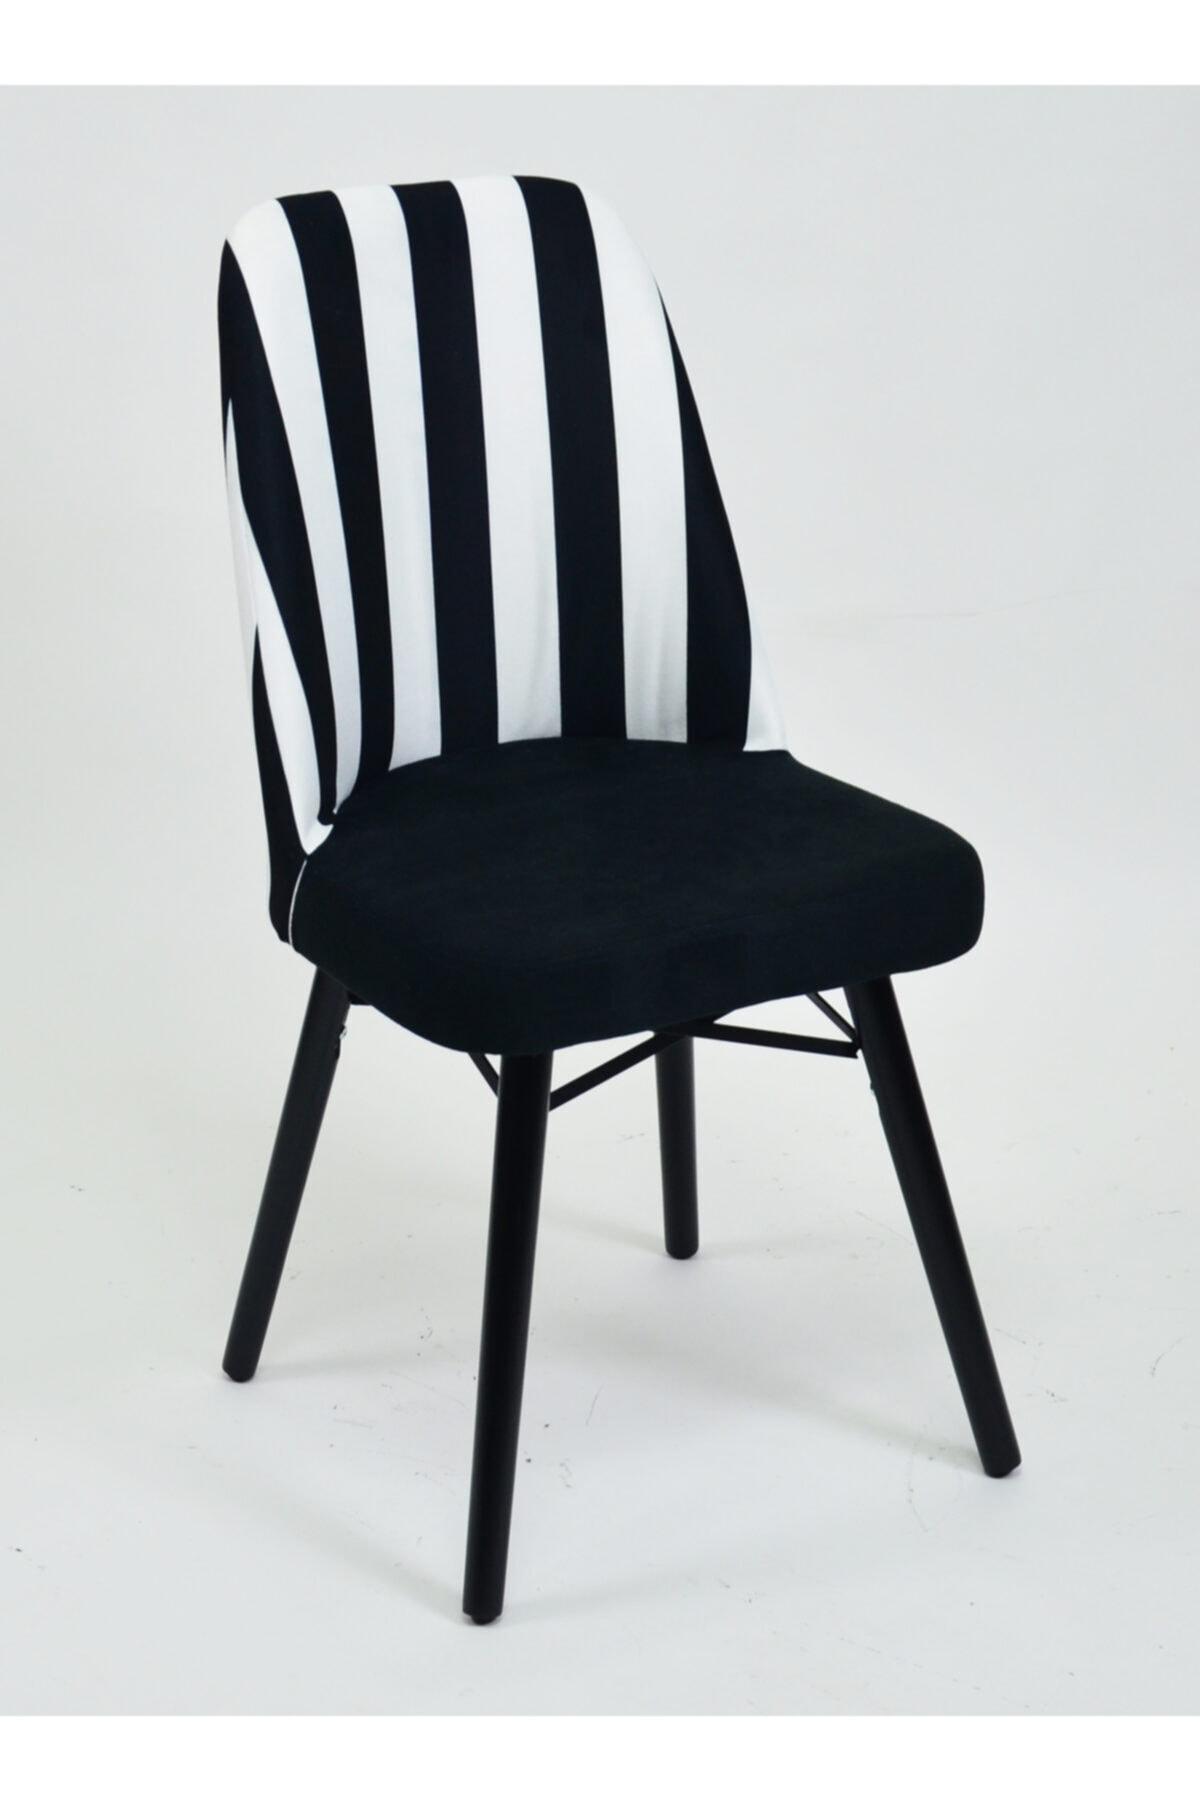 New Perle Concept Ahşap Mutfak Ve Salon Sandalyeleri 1